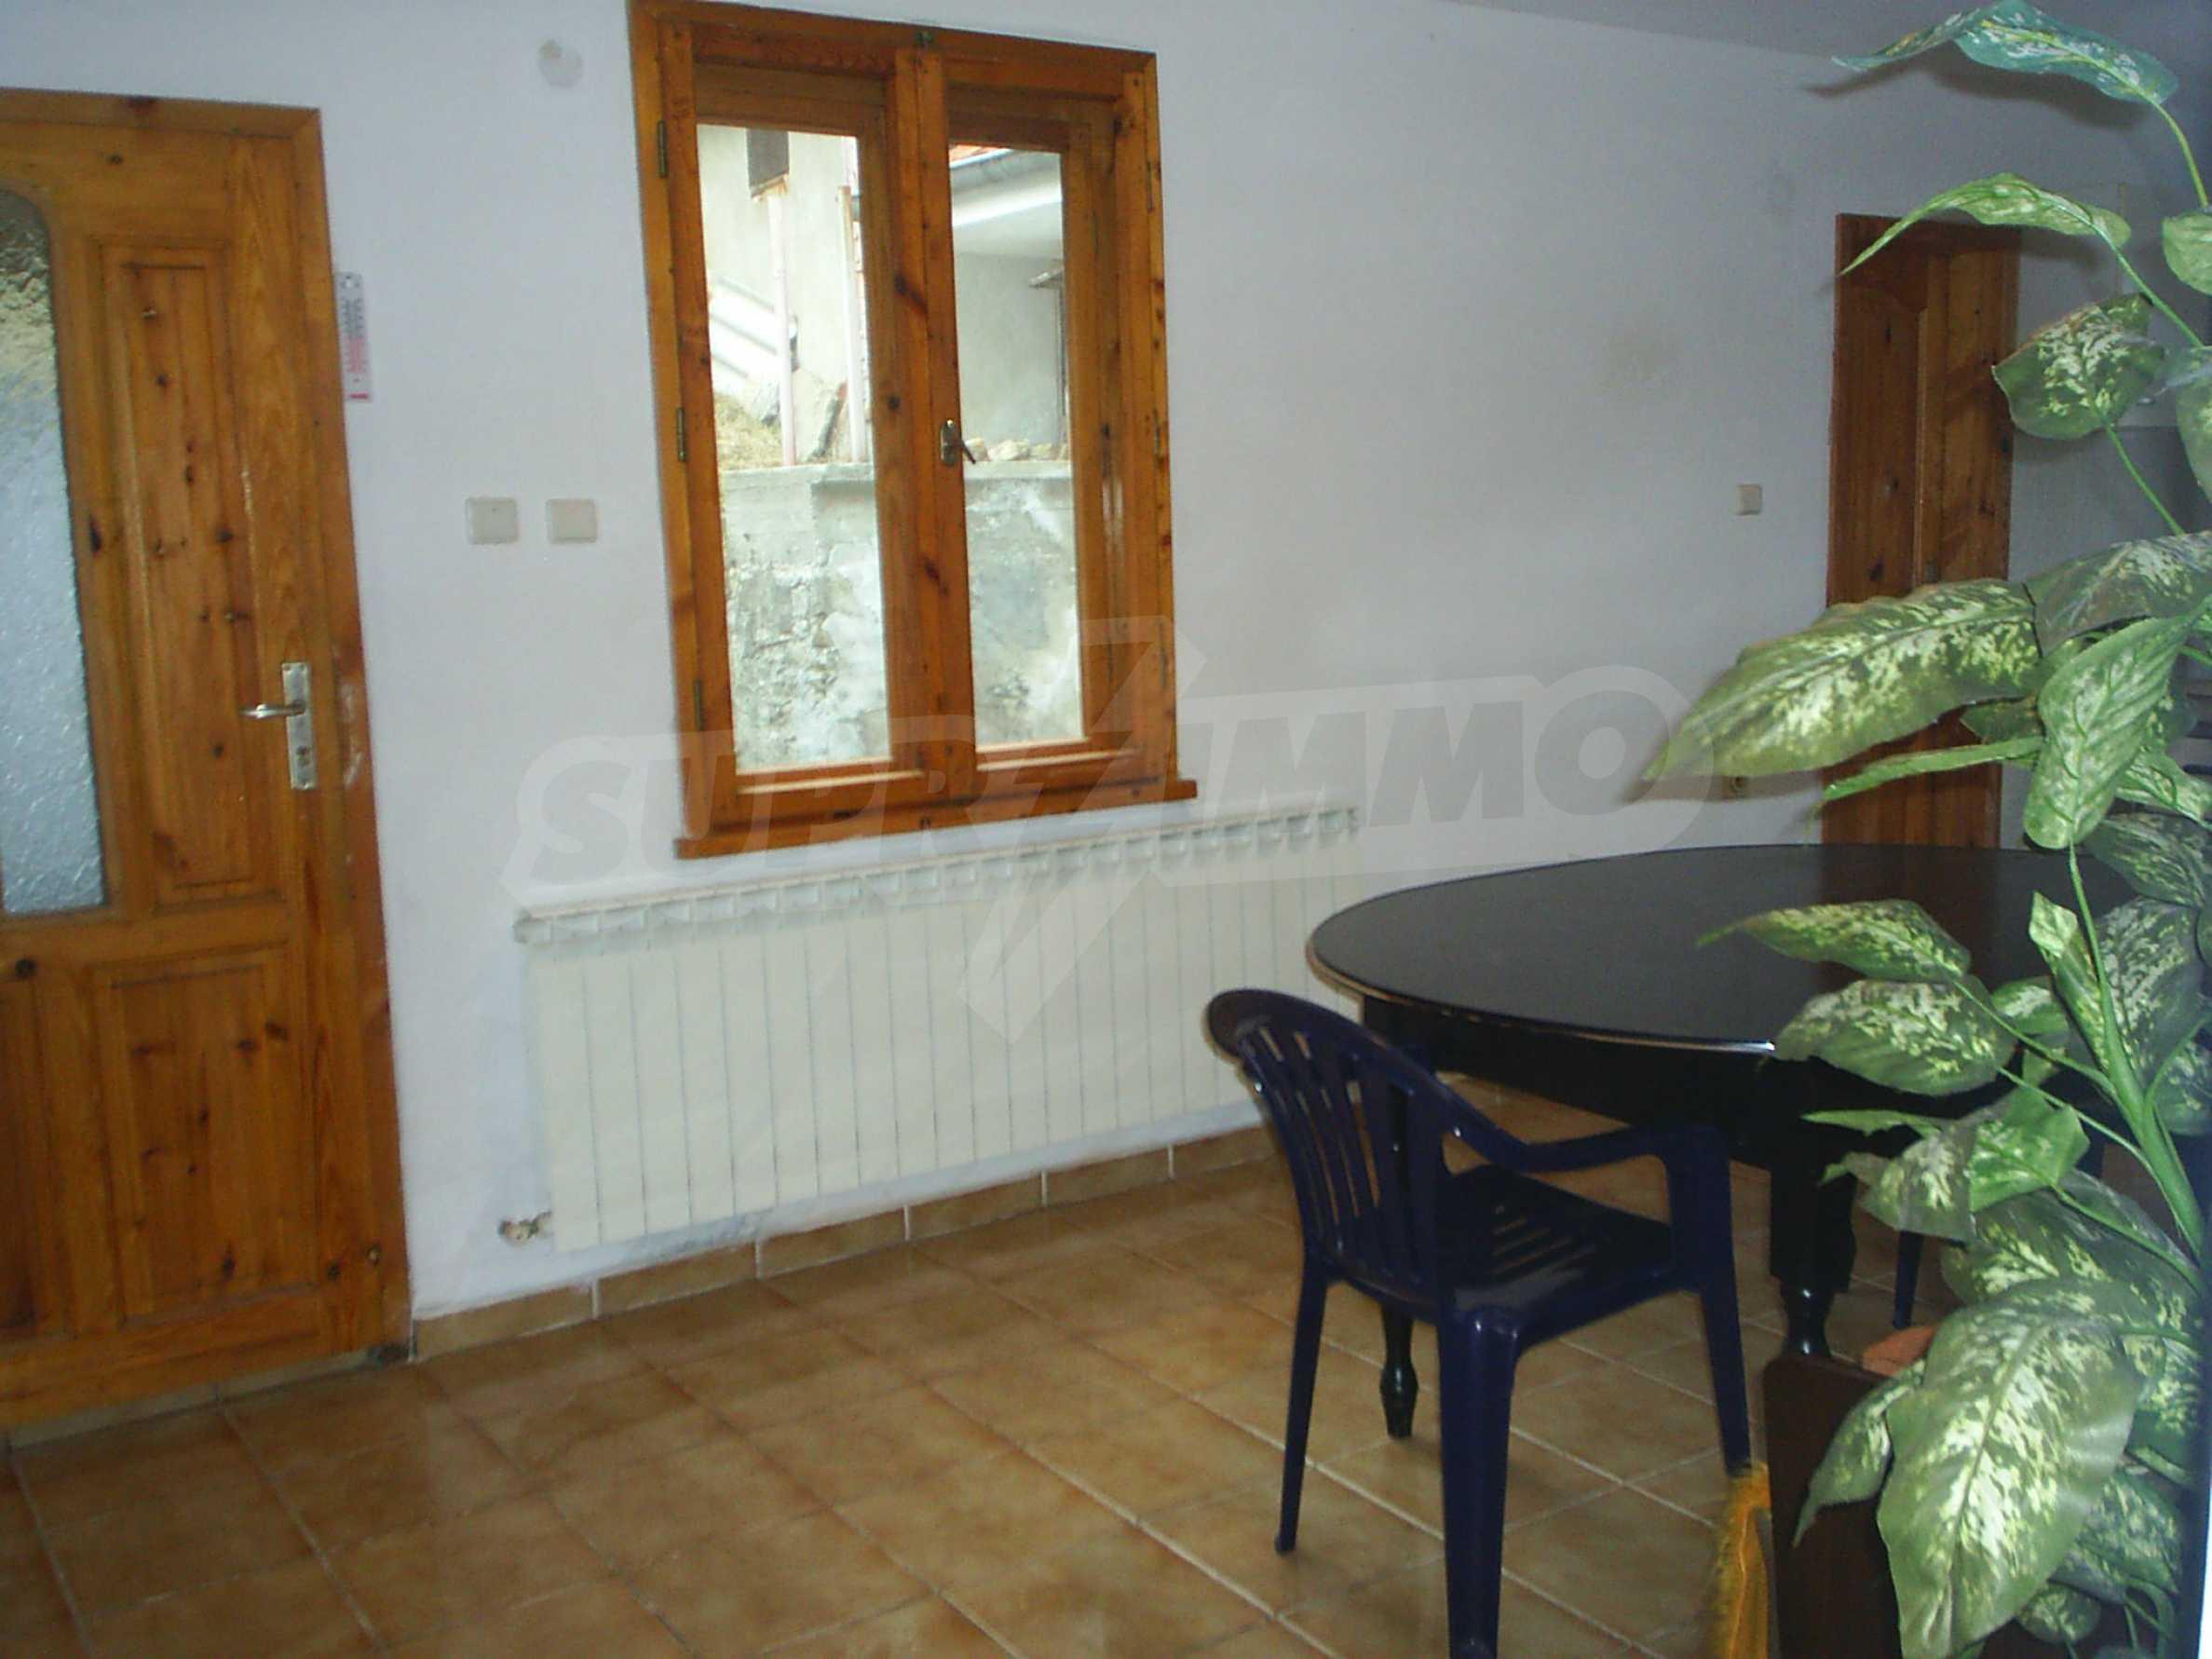 Komplett möbliertes Anwesen auf dem Balkan, 25 km von Veliko Tarnovo entfernt 5